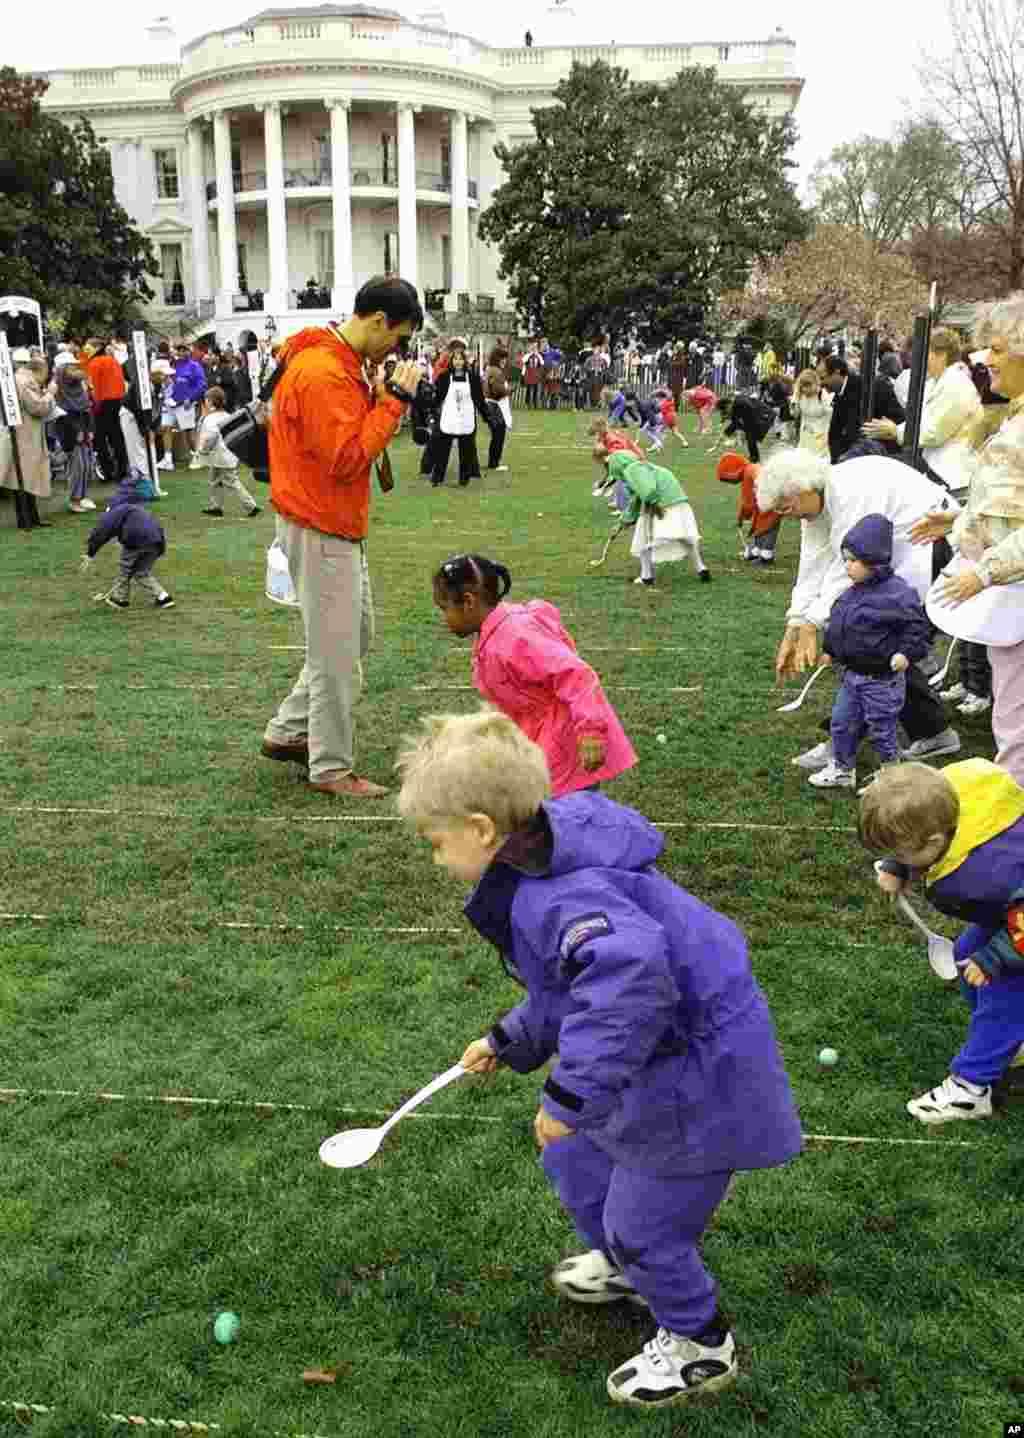 En EEUU, sólo las dos guerras mundiales, y en alguna ocasión el mal tiempo, han impedido que los niños de todo el país correteen por los huevos de Pascua en el jardín de la Casa Blanca.